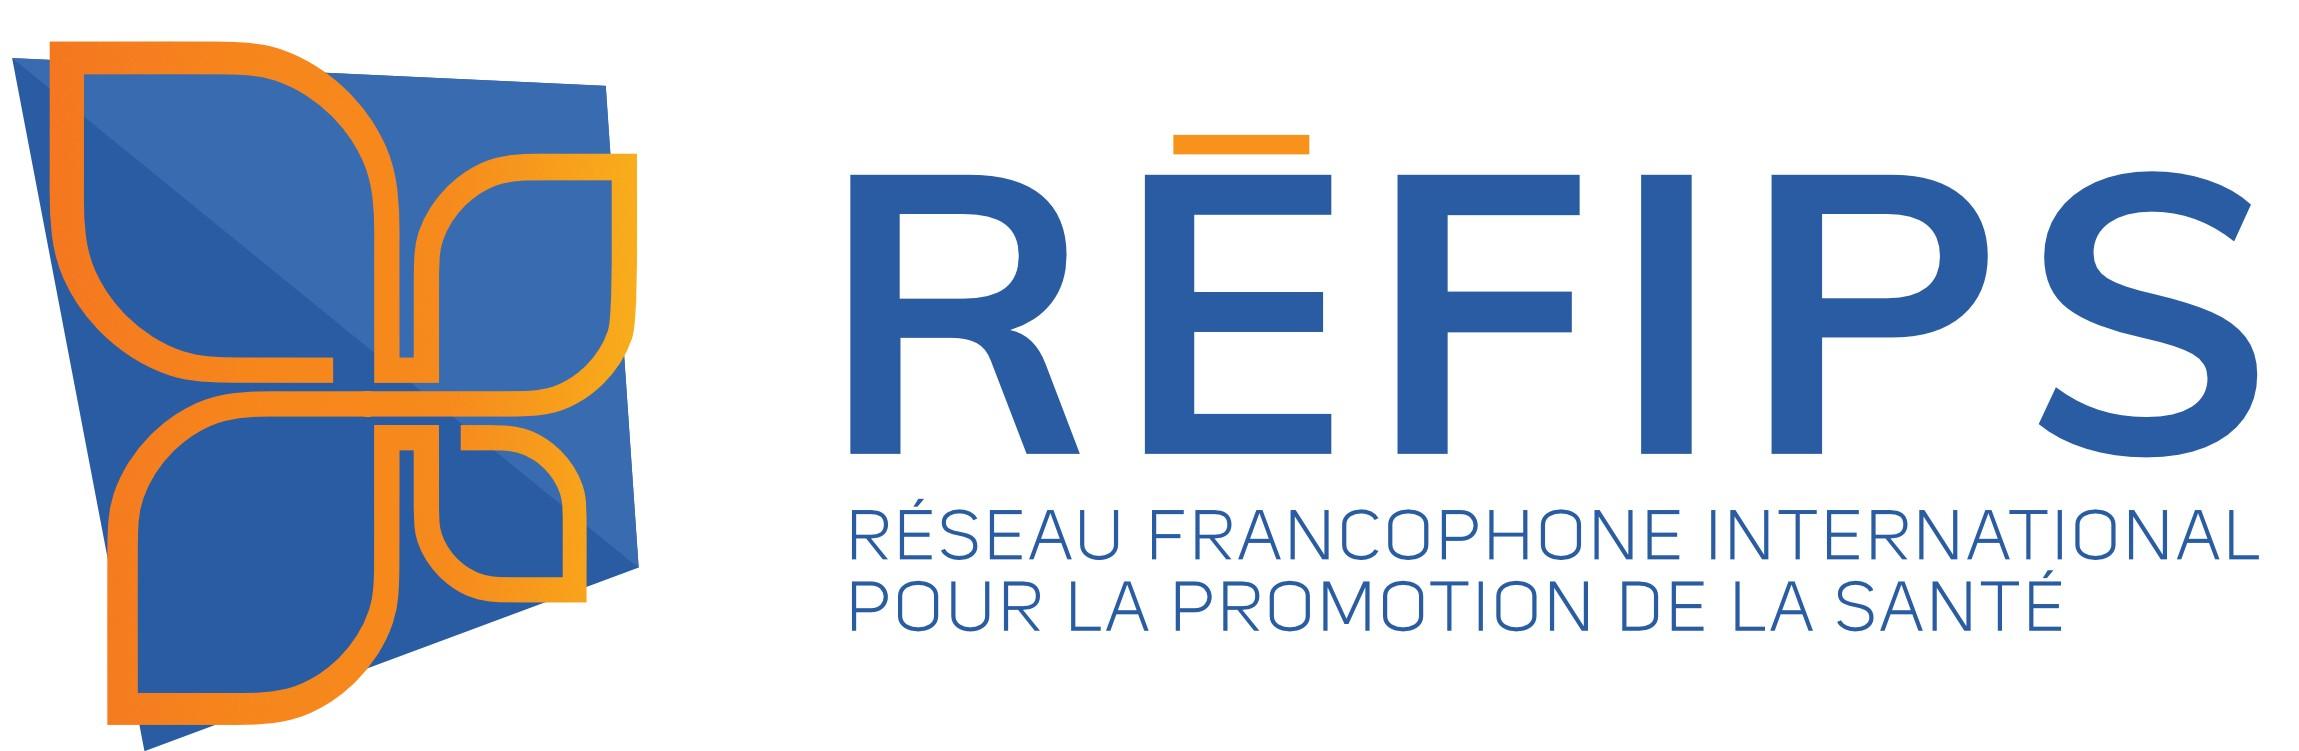 Réseau francophone international pour la promotion de la sante (RÉFIPS) – section des Ameriques - Logo